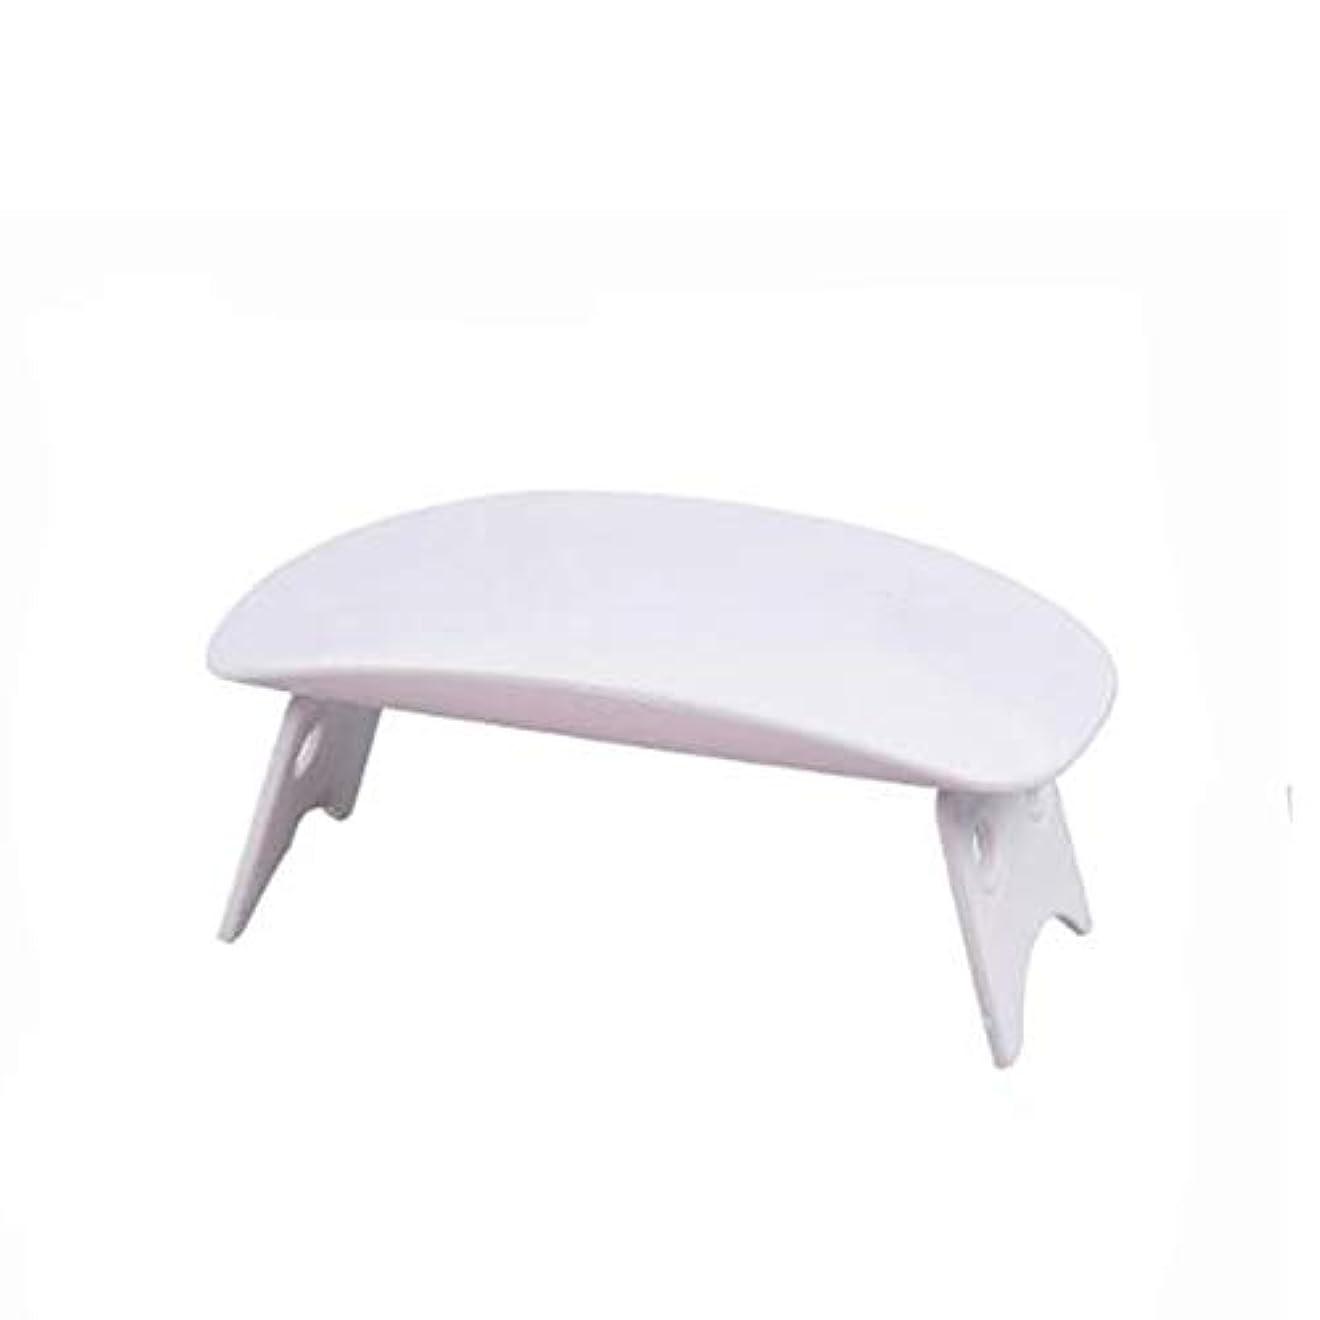 レベル明確に汚れるAomgsd UV-LED スマートライトミニ レジン道具 赤外線美白機能付き 手と足両用 乾燥用 速乾性 自動センサー搭載 (ホワイト)